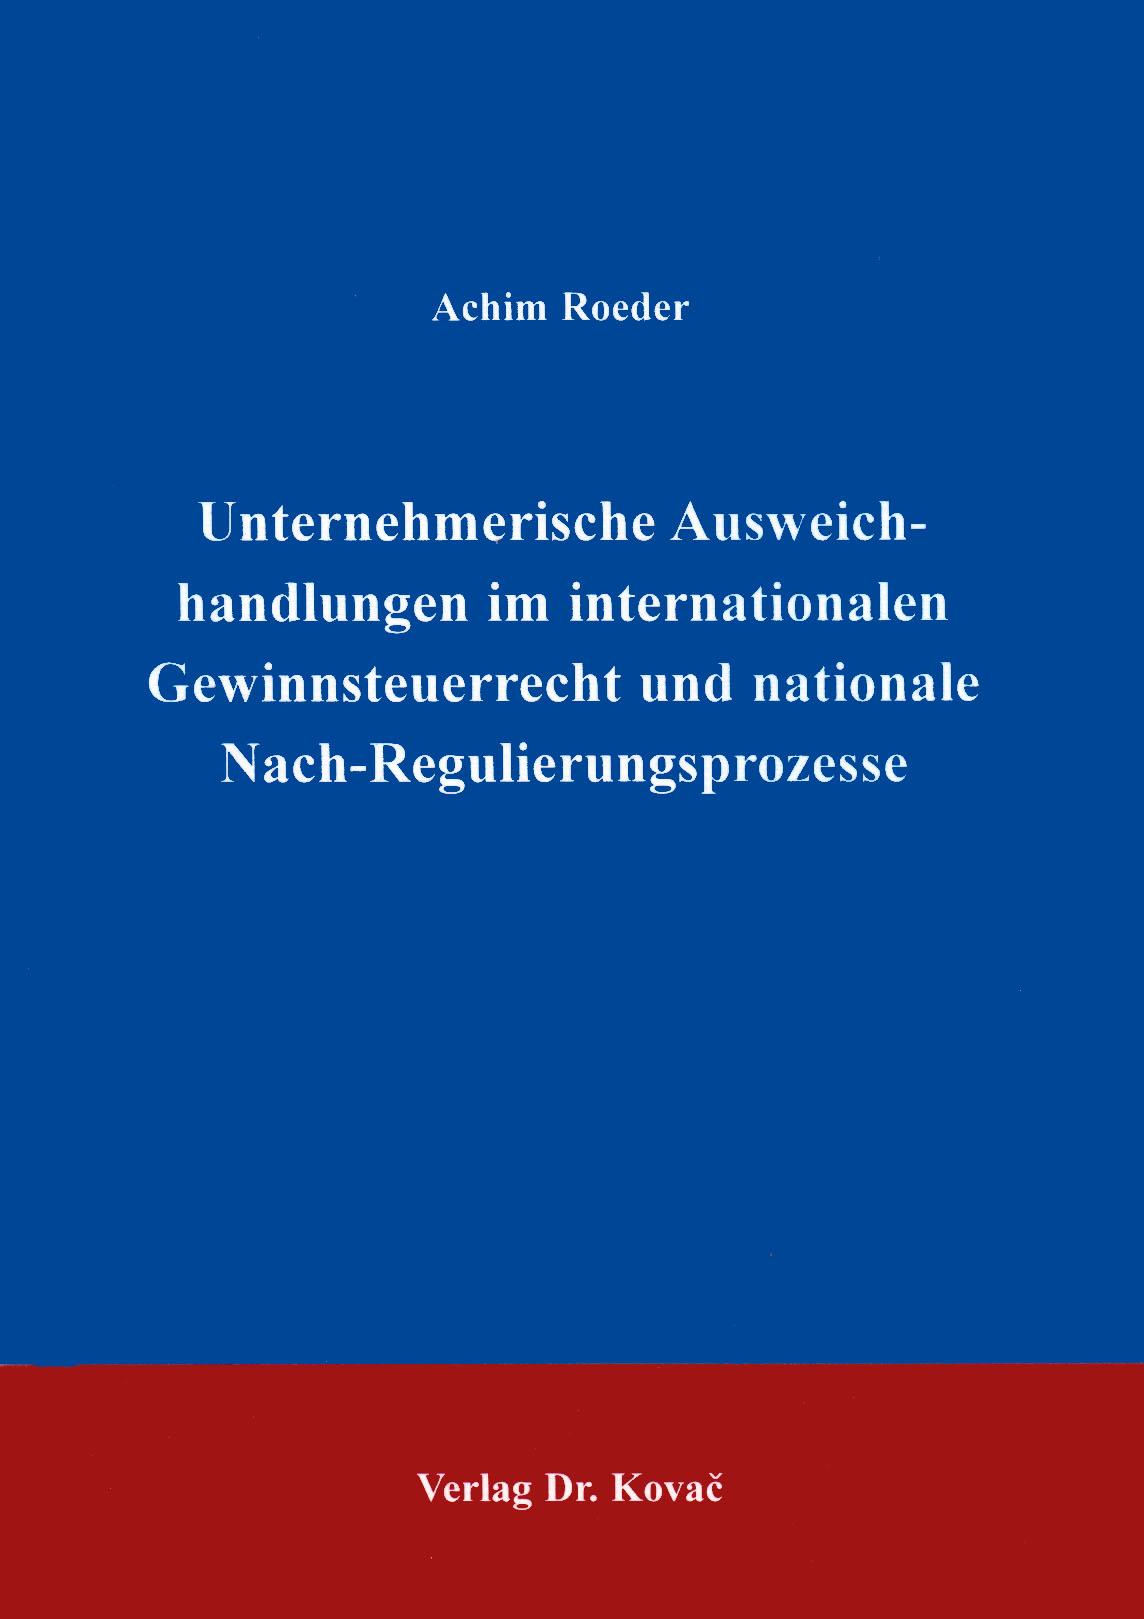 Cover: Unternehmerische Ausweichhandlungen im internationalen Gewinnsteuerrecht und nationale Nach-Regulierungsprozesse